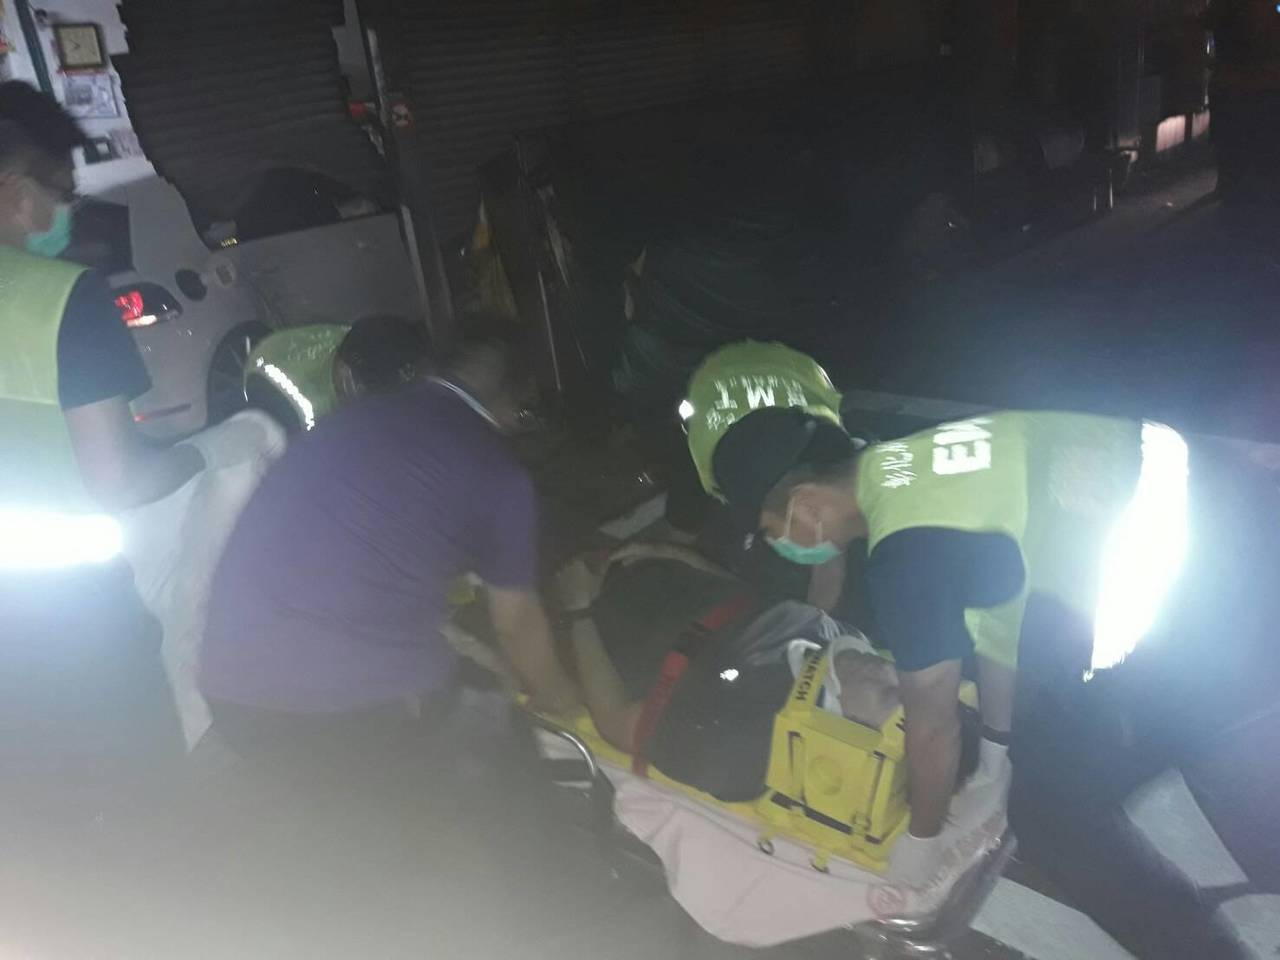 彰化市一德南路與彰南路口一家鍋貼店今晚7點半被一輛轎車衝入,並波及二輛機車,造成...